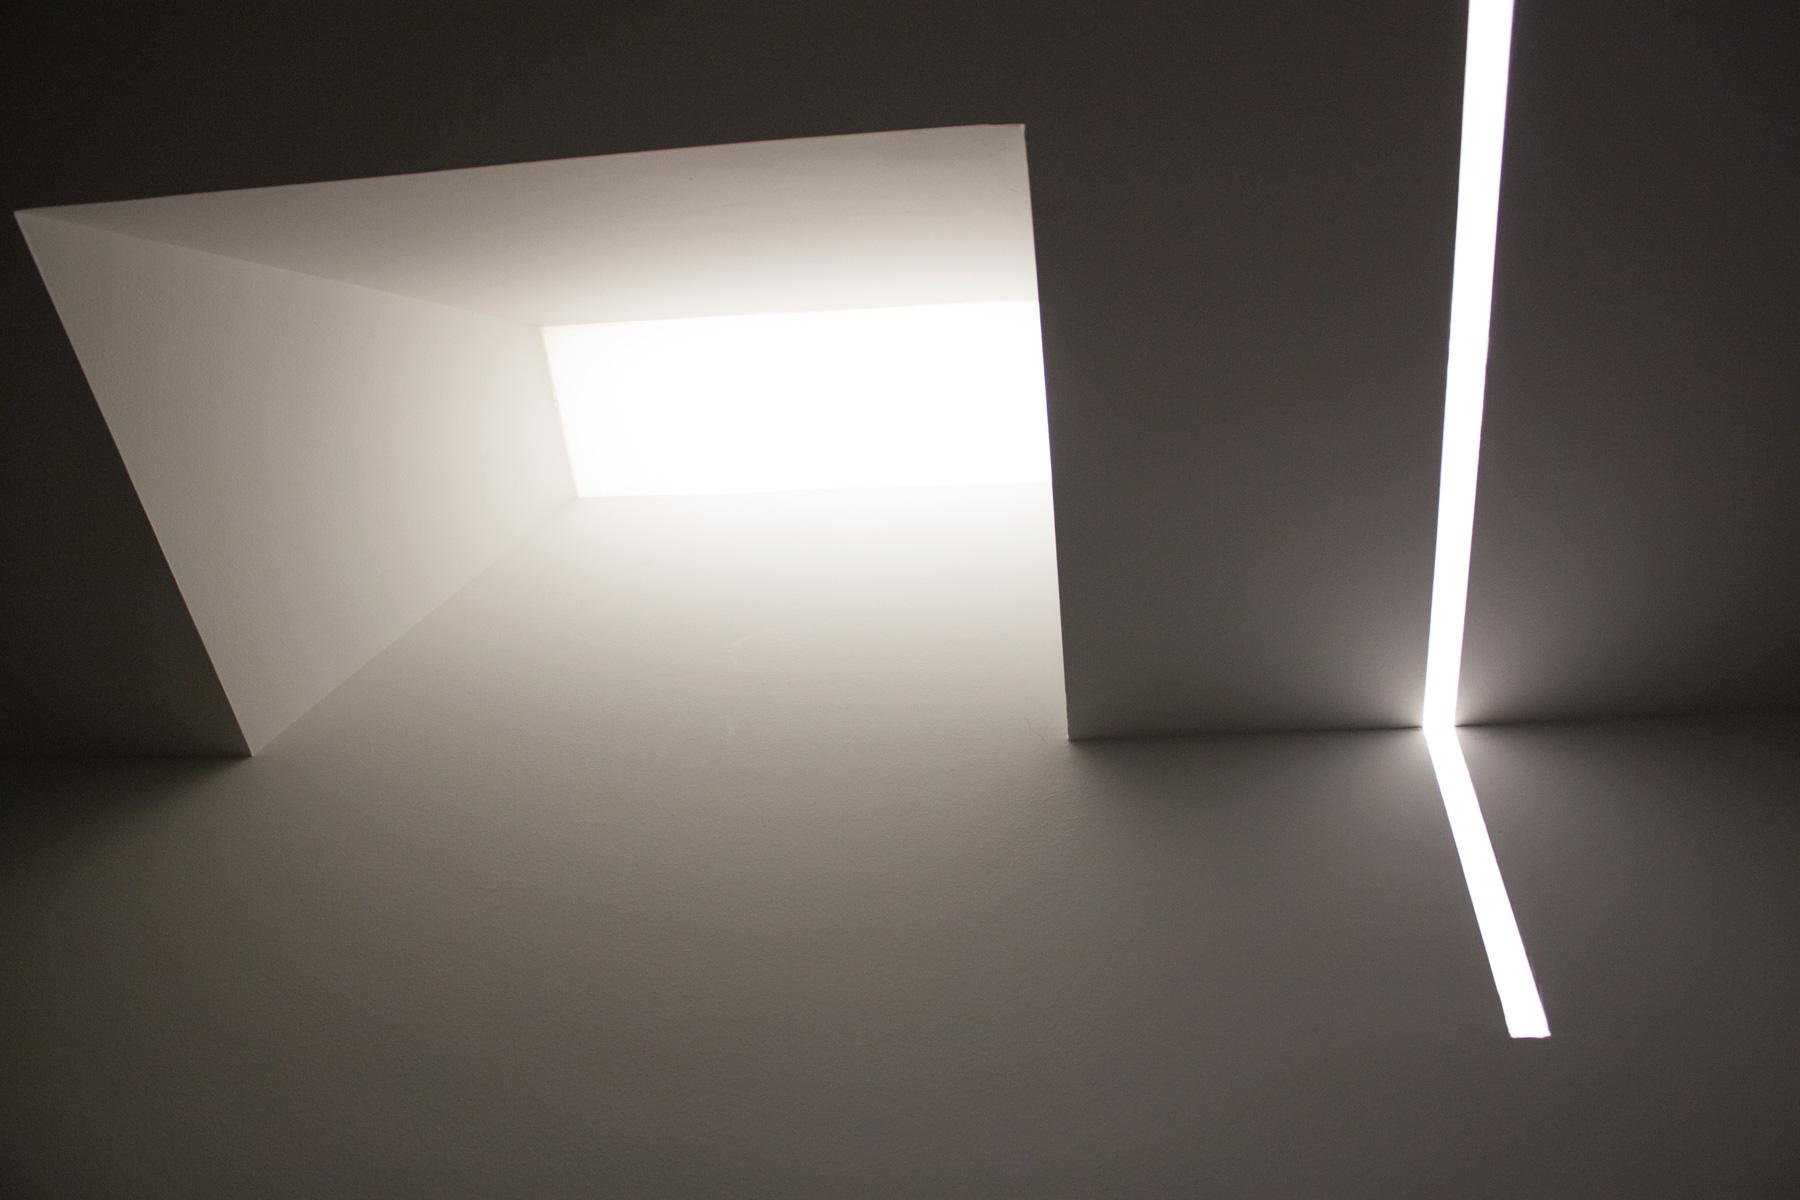 luz_techo2_periocentrum_bilbao